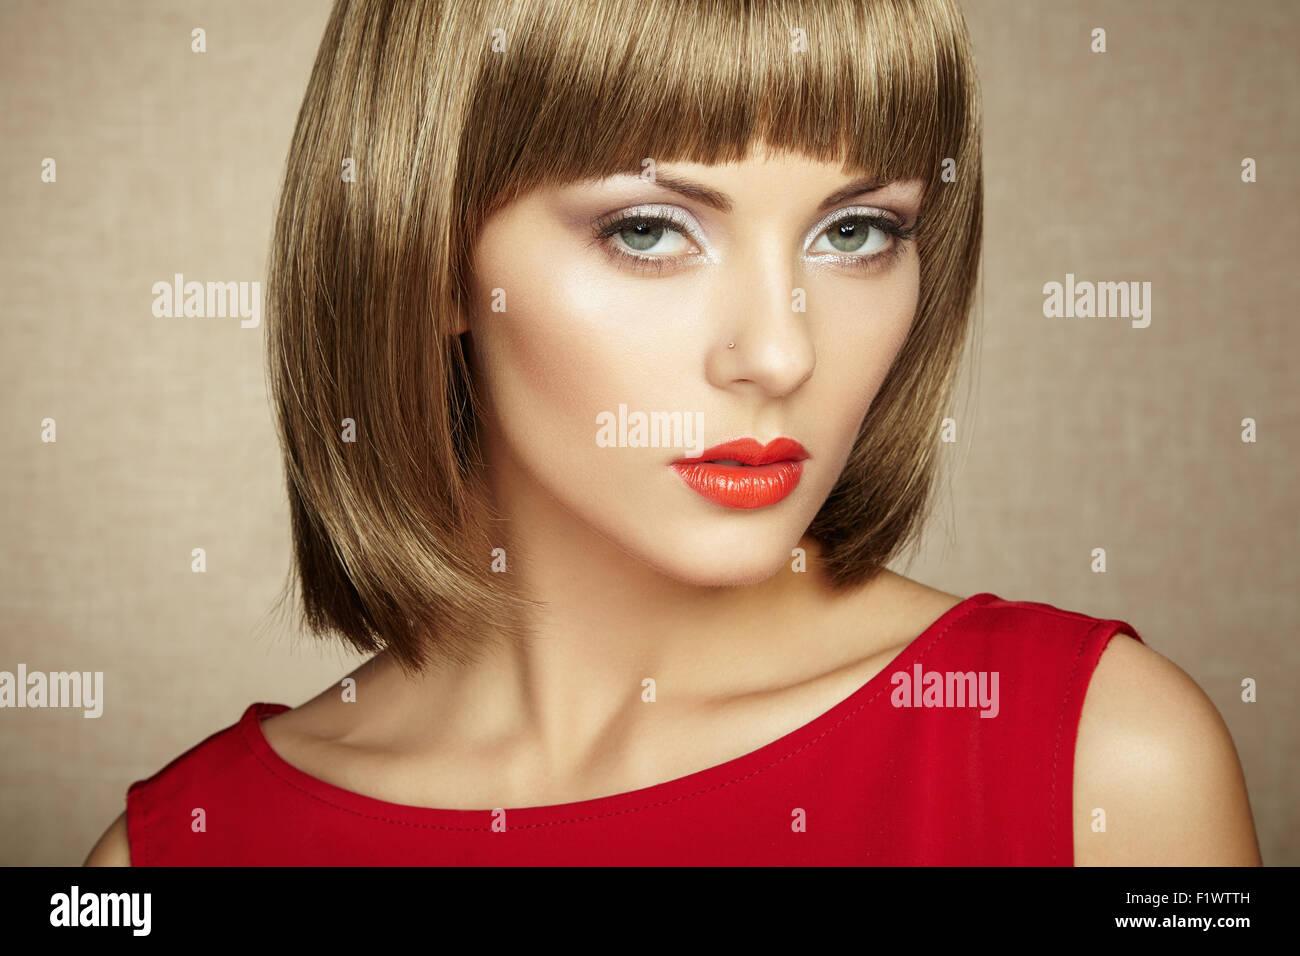 Retrato De Hermosa Mujer Sensual Con Elegante Estilo De Peinado